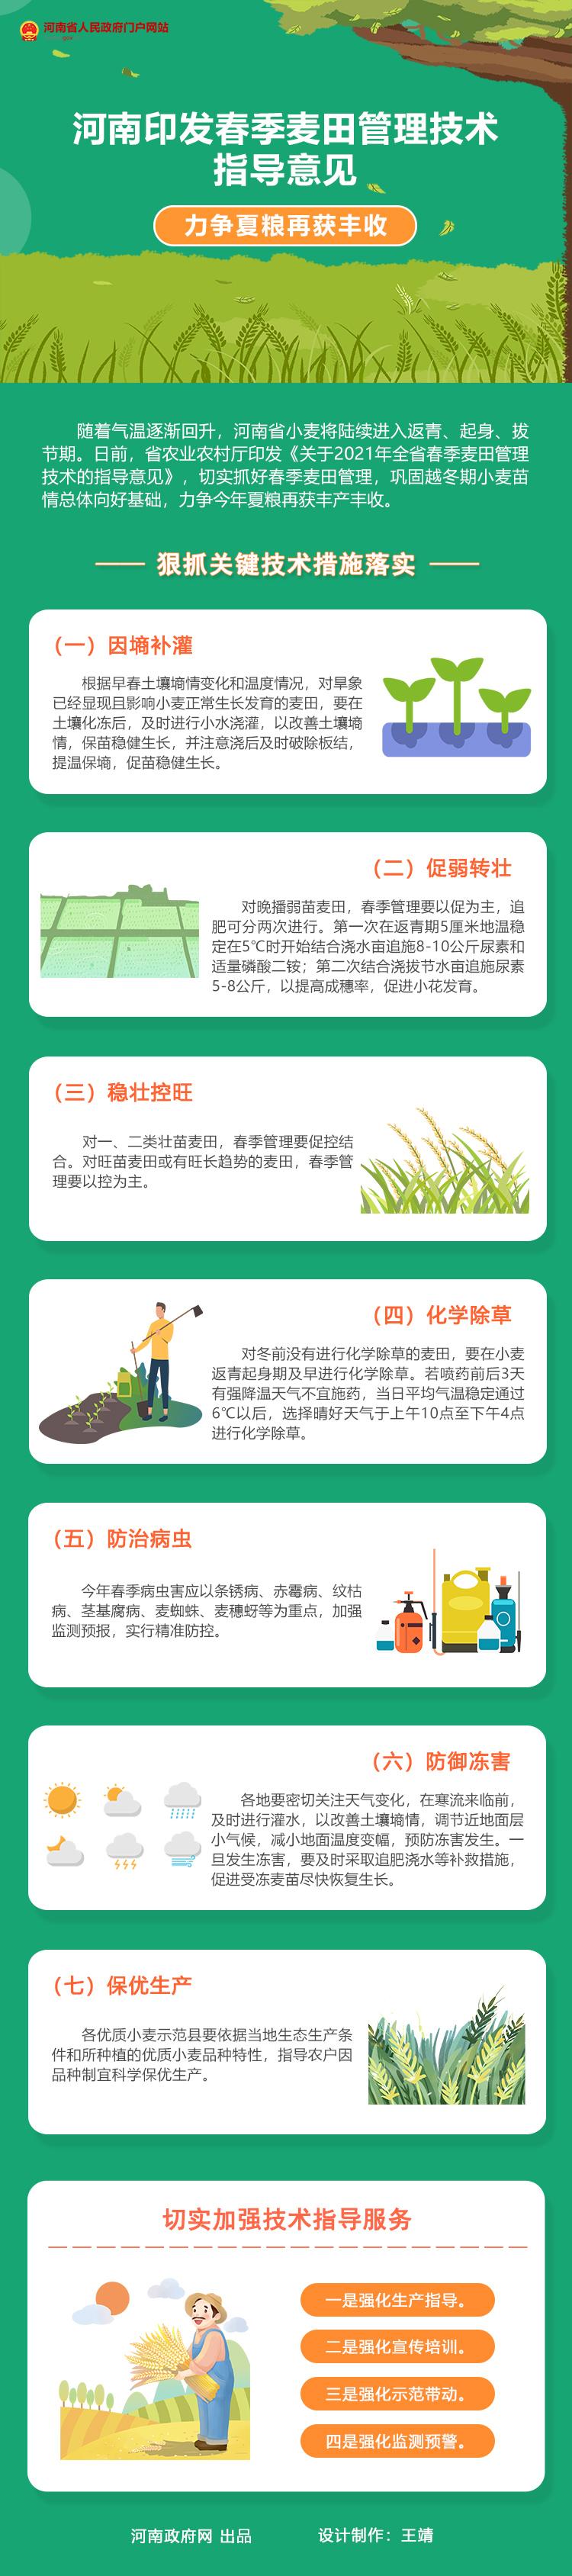 图解:河南印发春季麦田管理技术指导意见